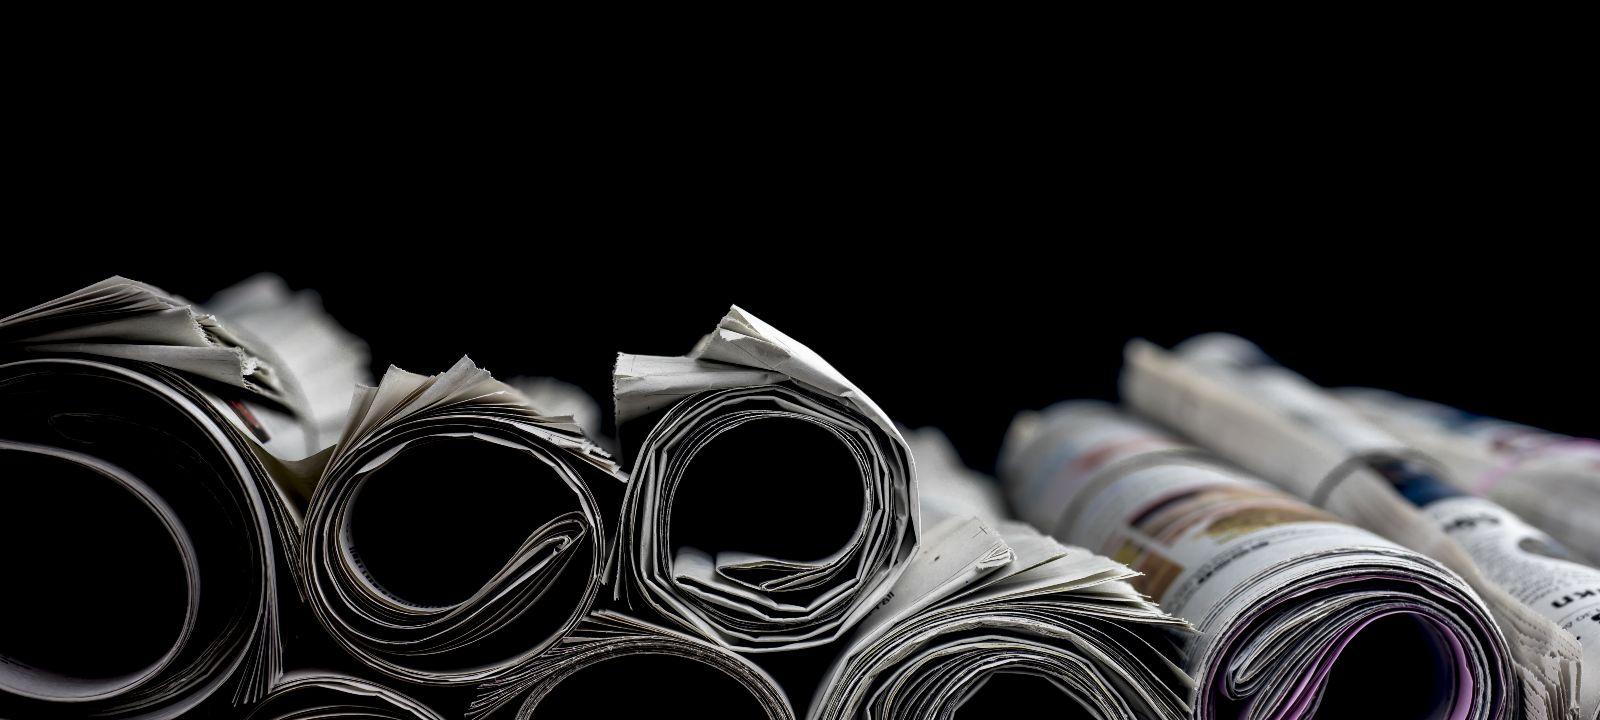 Das Bild zeigt zusammengerollte Zeitungen vor schwarzem Hintergrund.